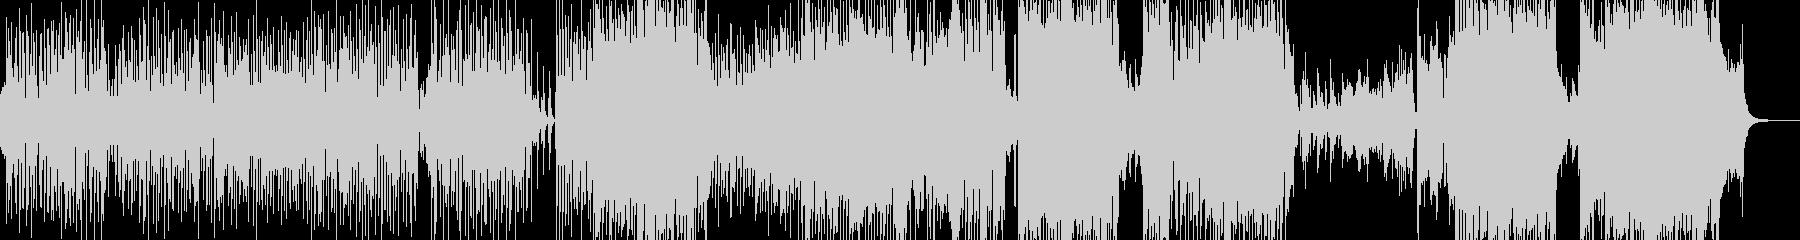 ウクレレ・南国のアコギテクノポップの未再生の波形